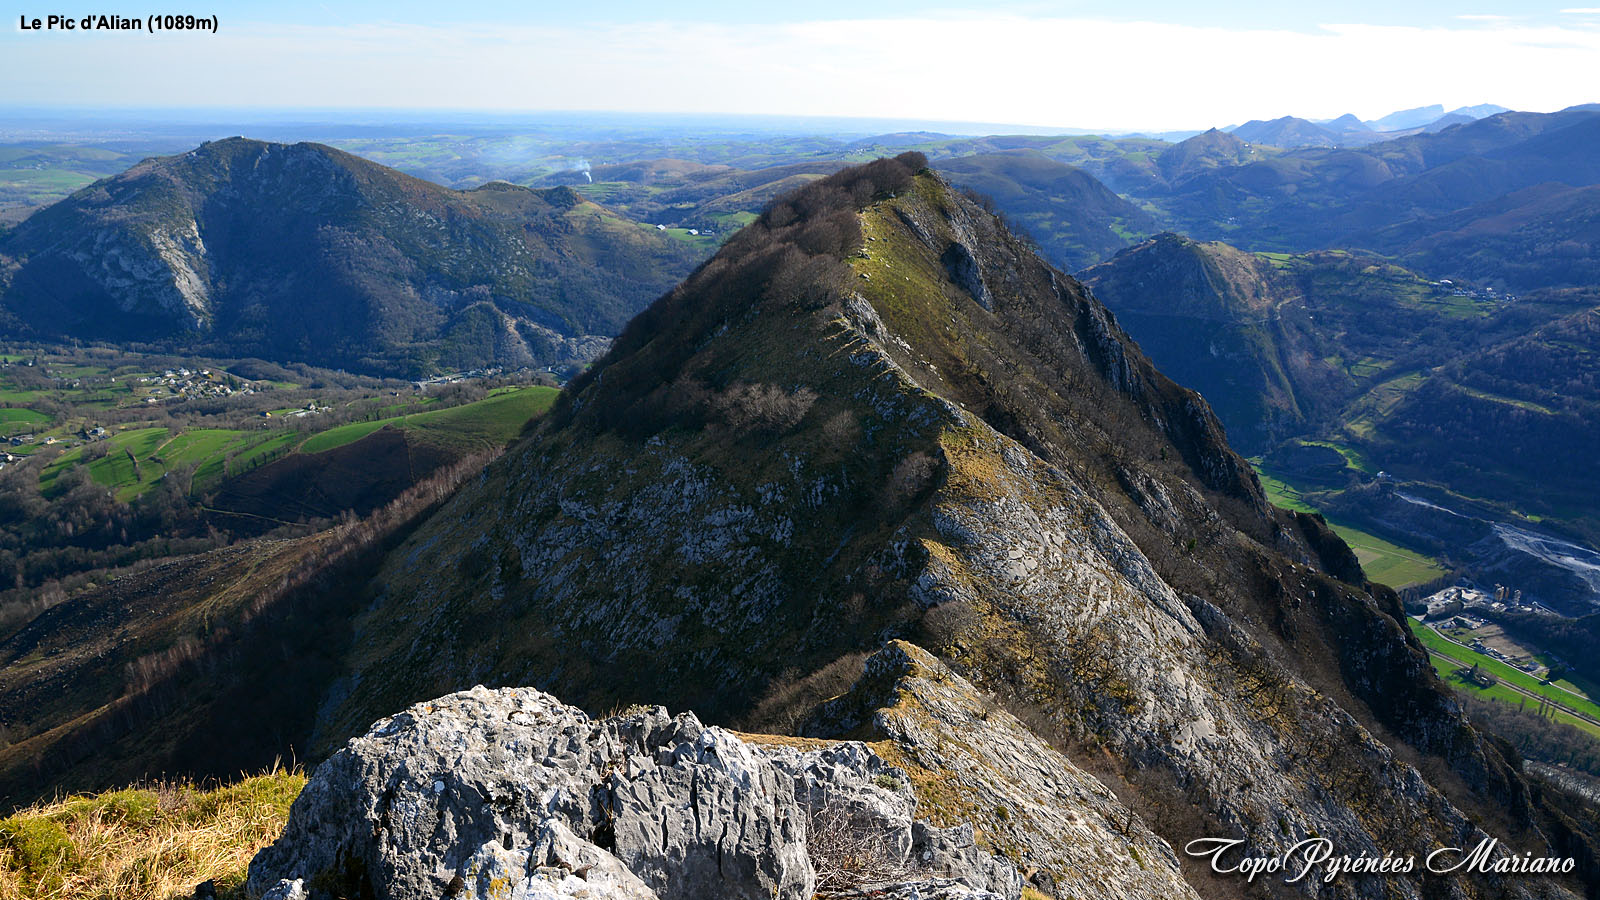 Randonnée Pic d'Alian (1089m)